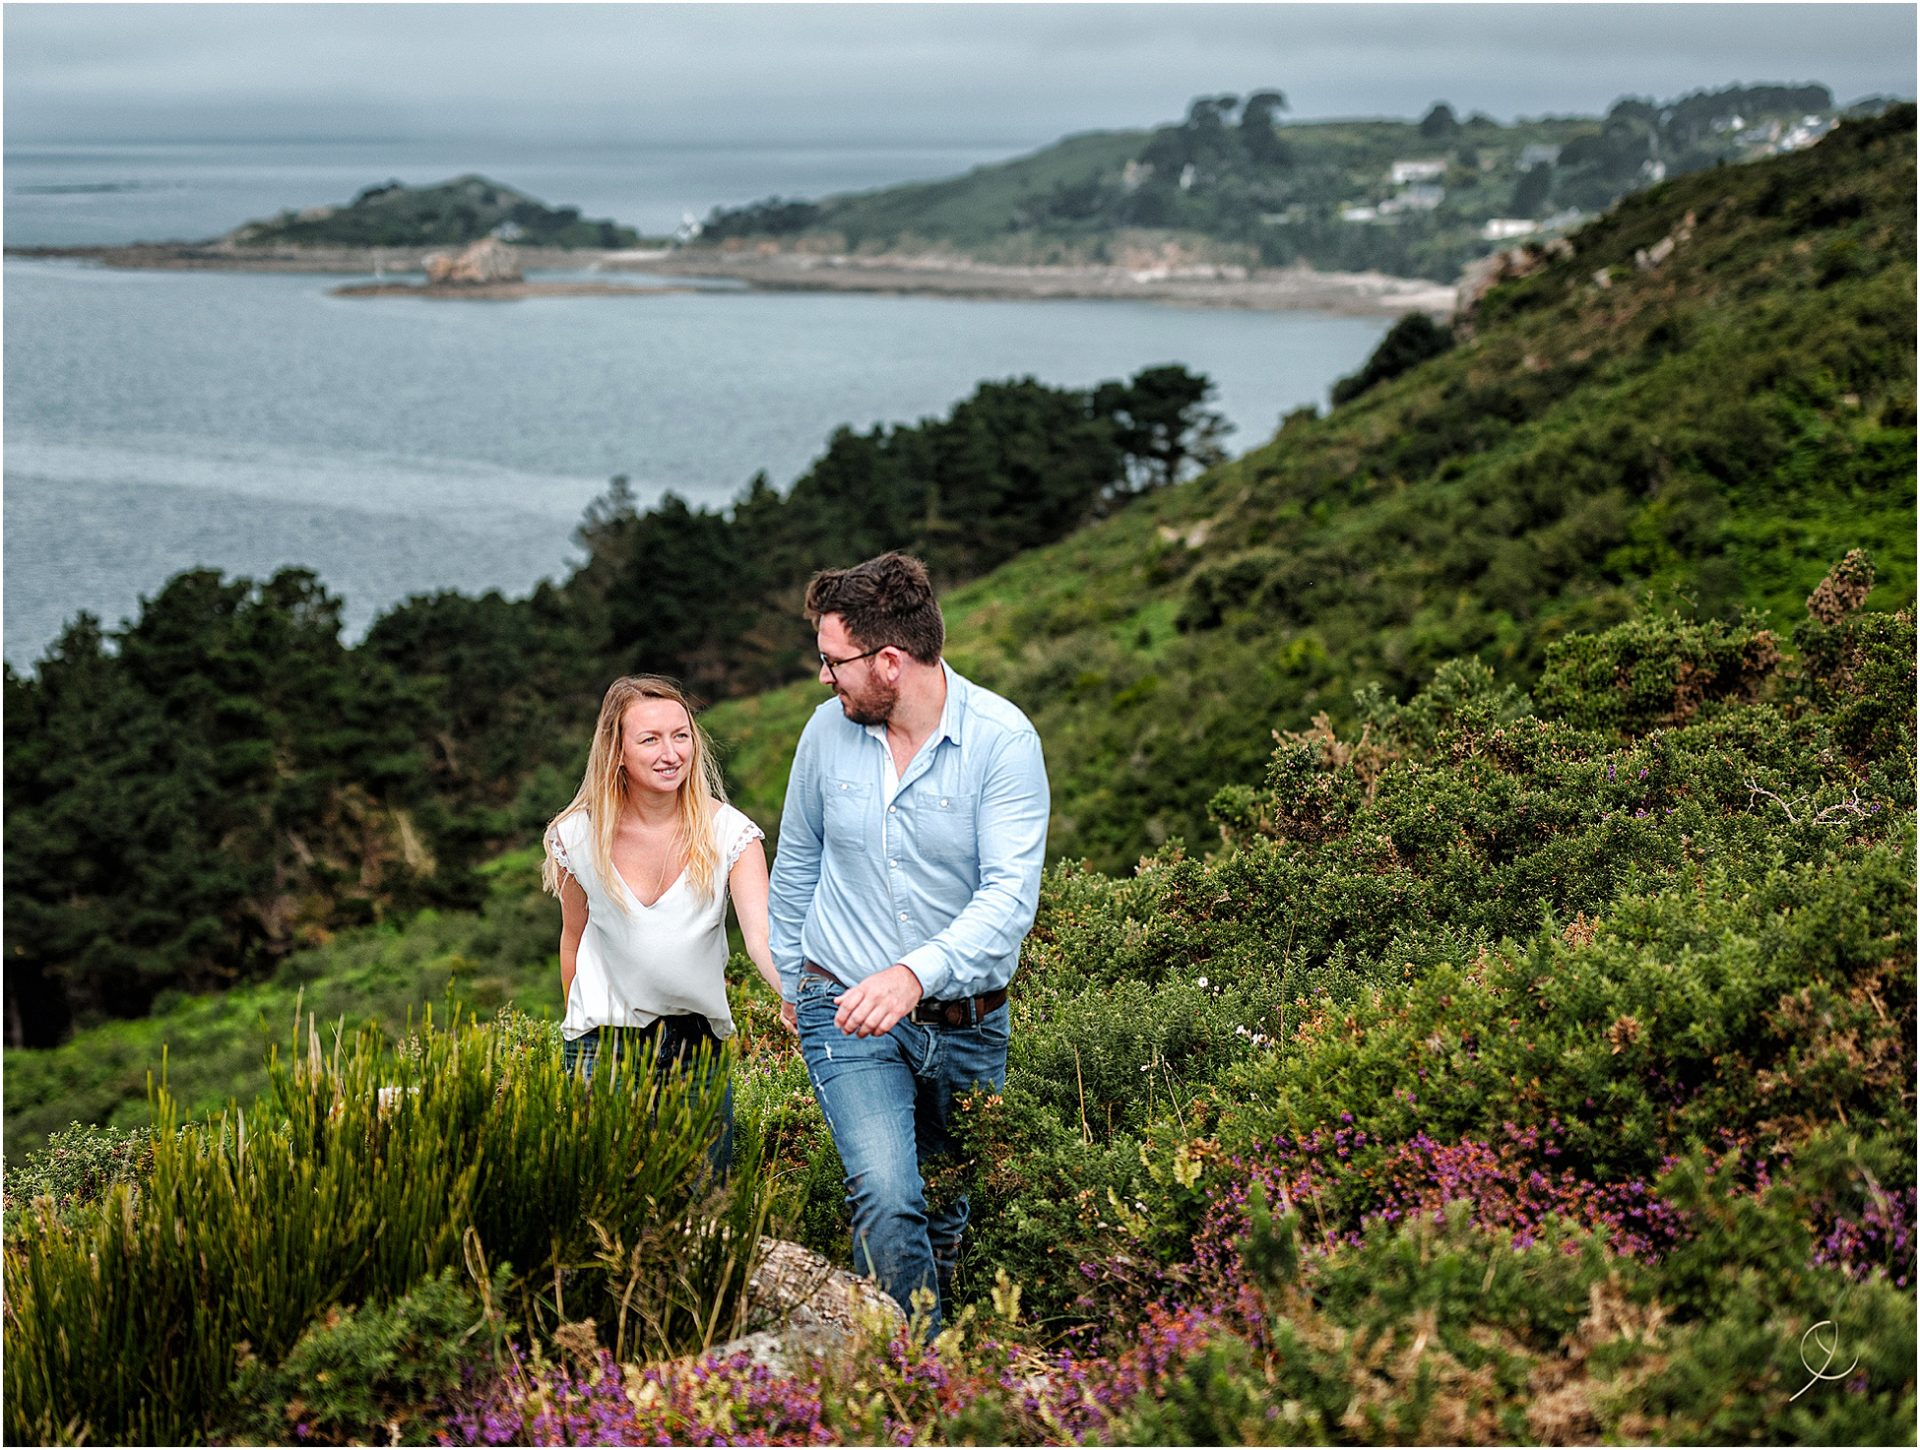 Photographe couple bord de mer